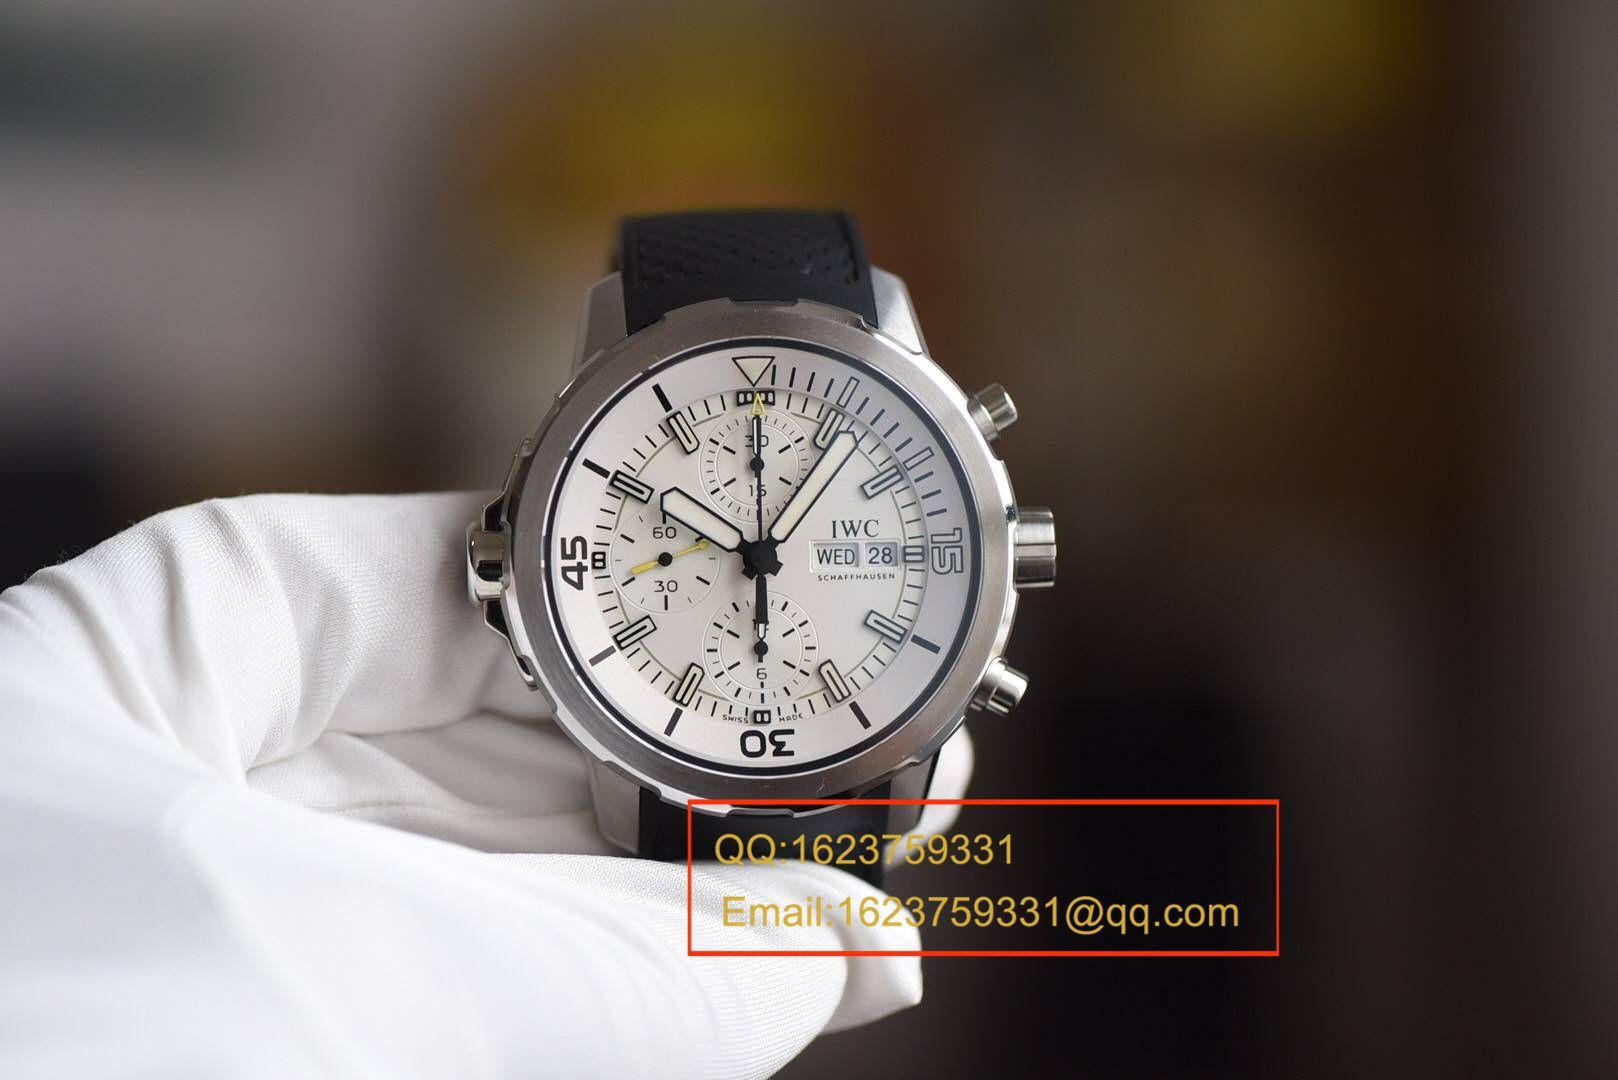 【HBBV6一比一超A高仿手表】万国海洋时计系列 IW376802 腕表 《胶带/钢带均可选》